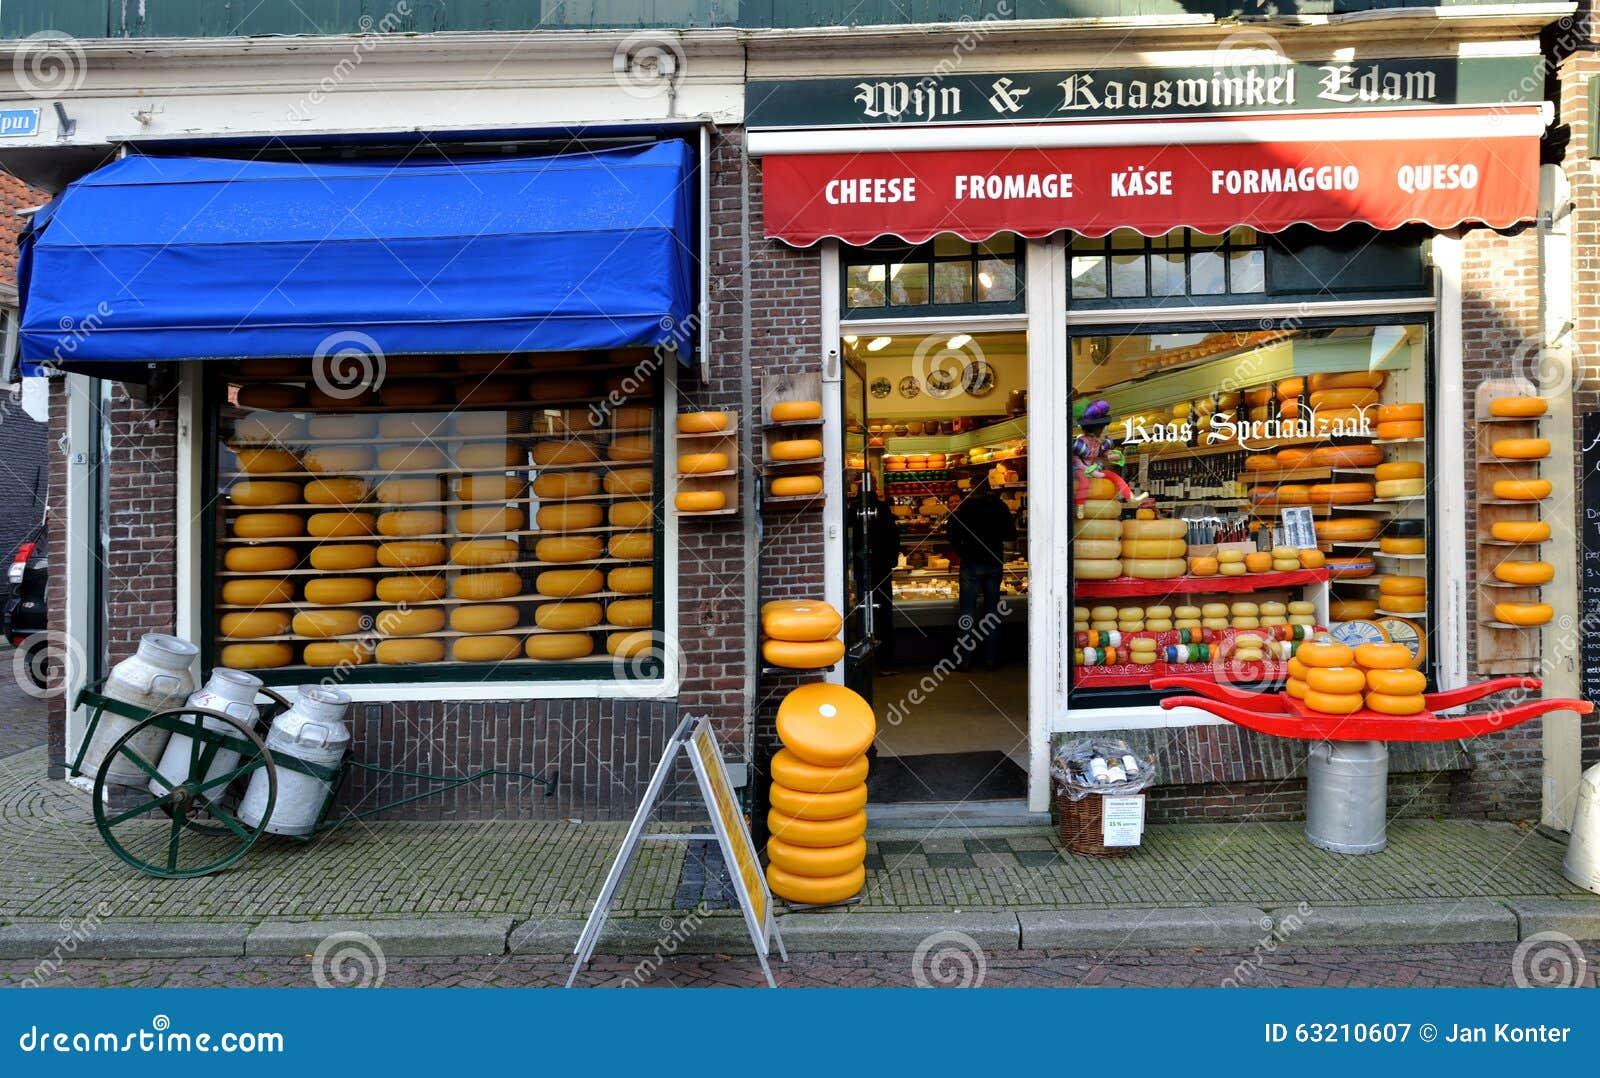 Magasin de fromage en édam, Pays-Bas